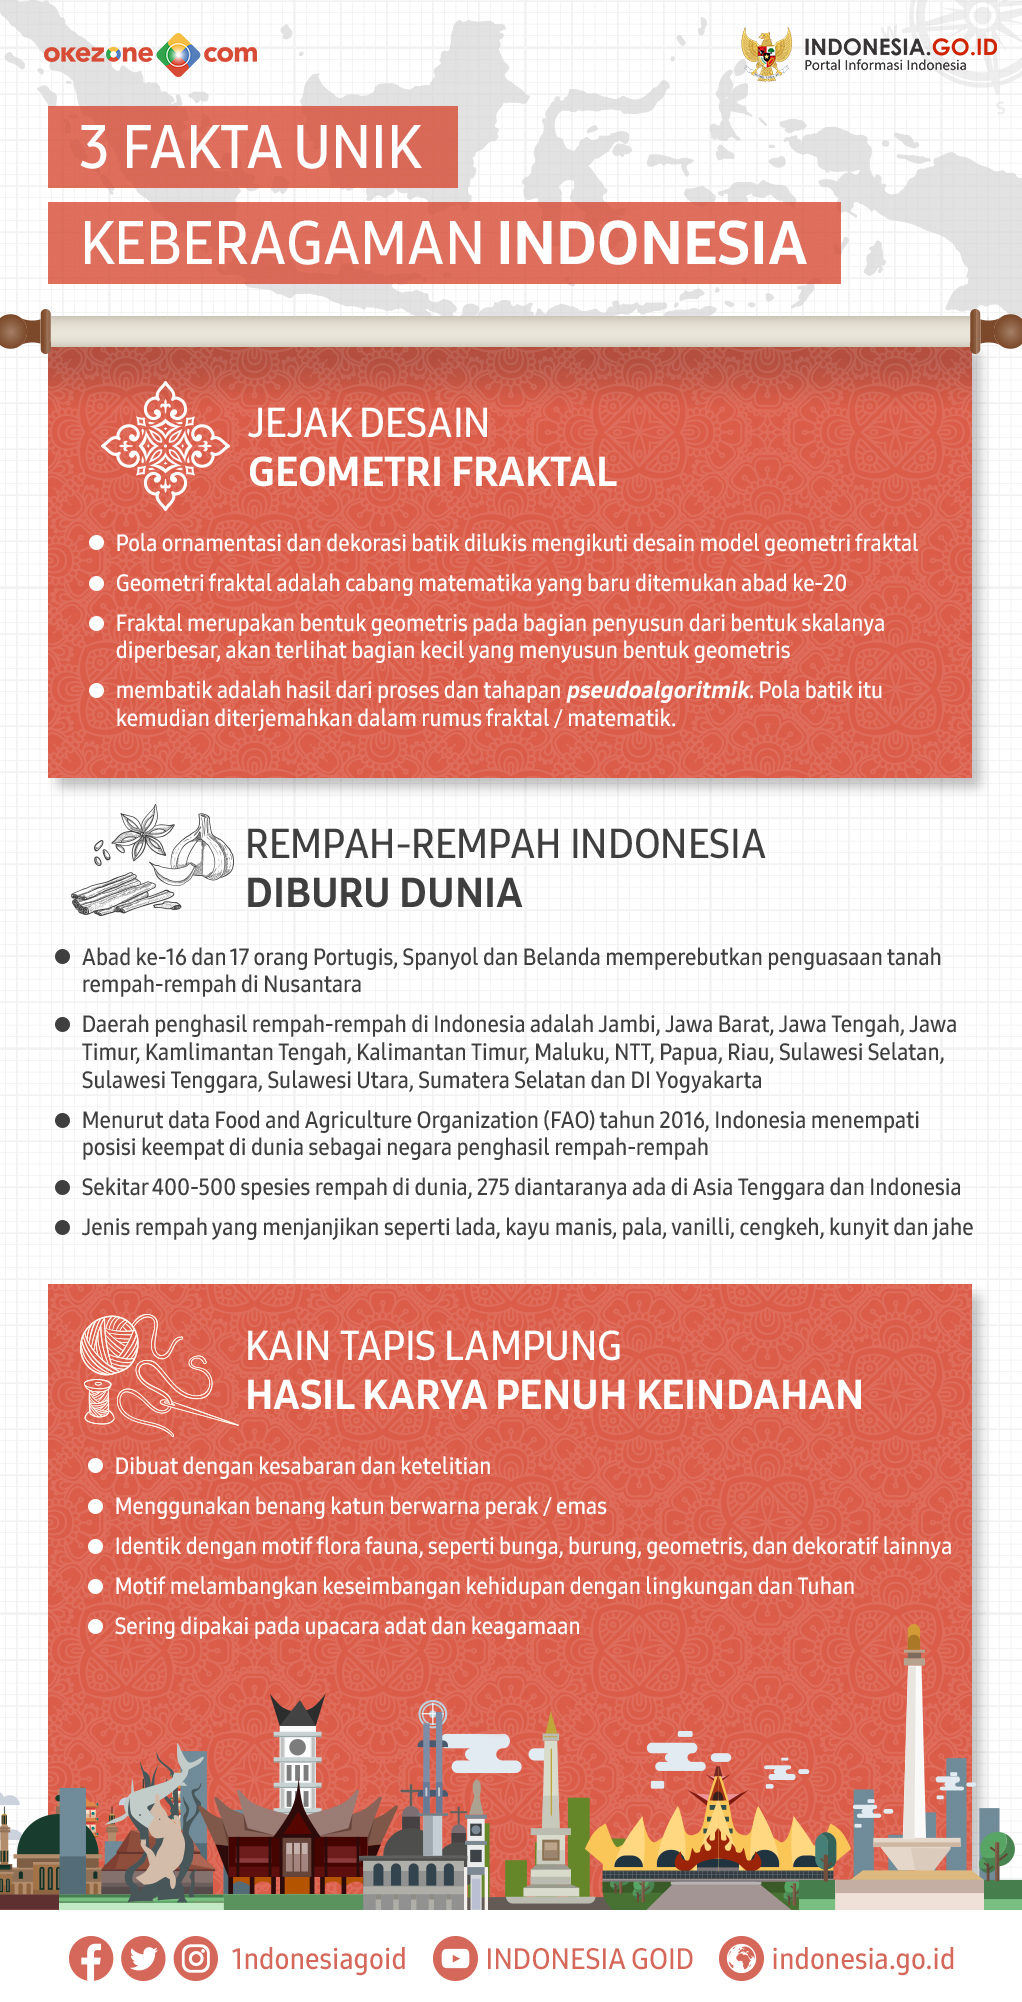 3 Fakta Unik Keberagaman Indonesia -